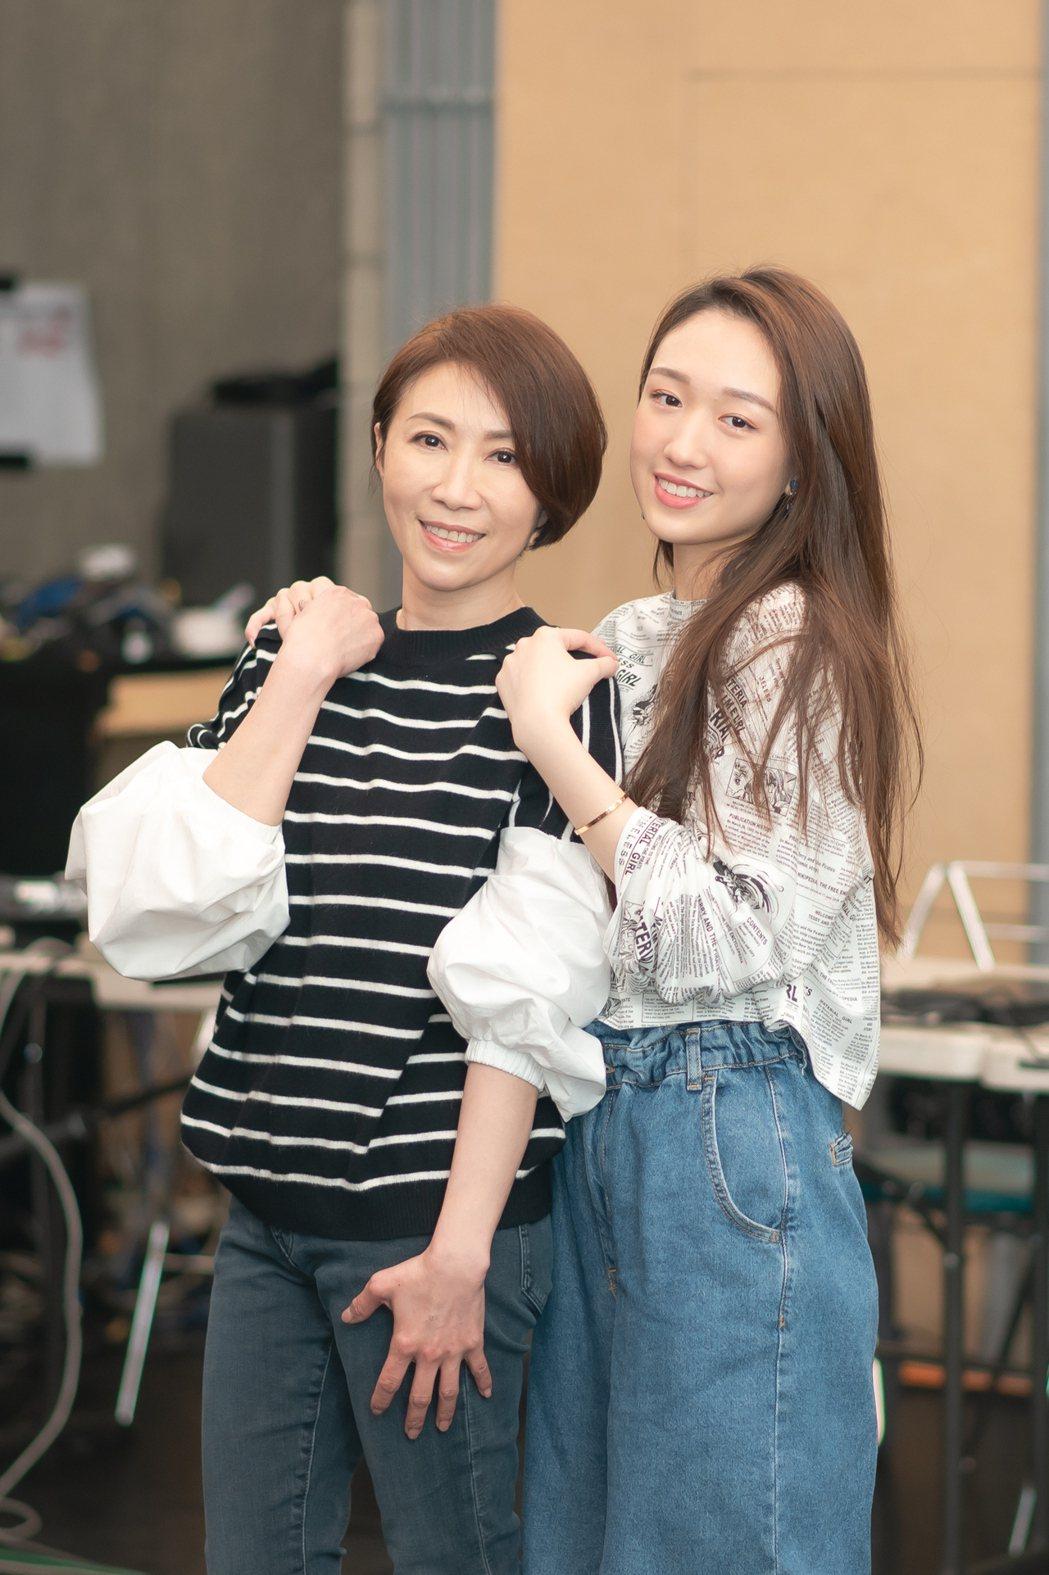 王敏淳(右)日前寫歌送給媽咪李翊君。圖/寬宏藝術提供